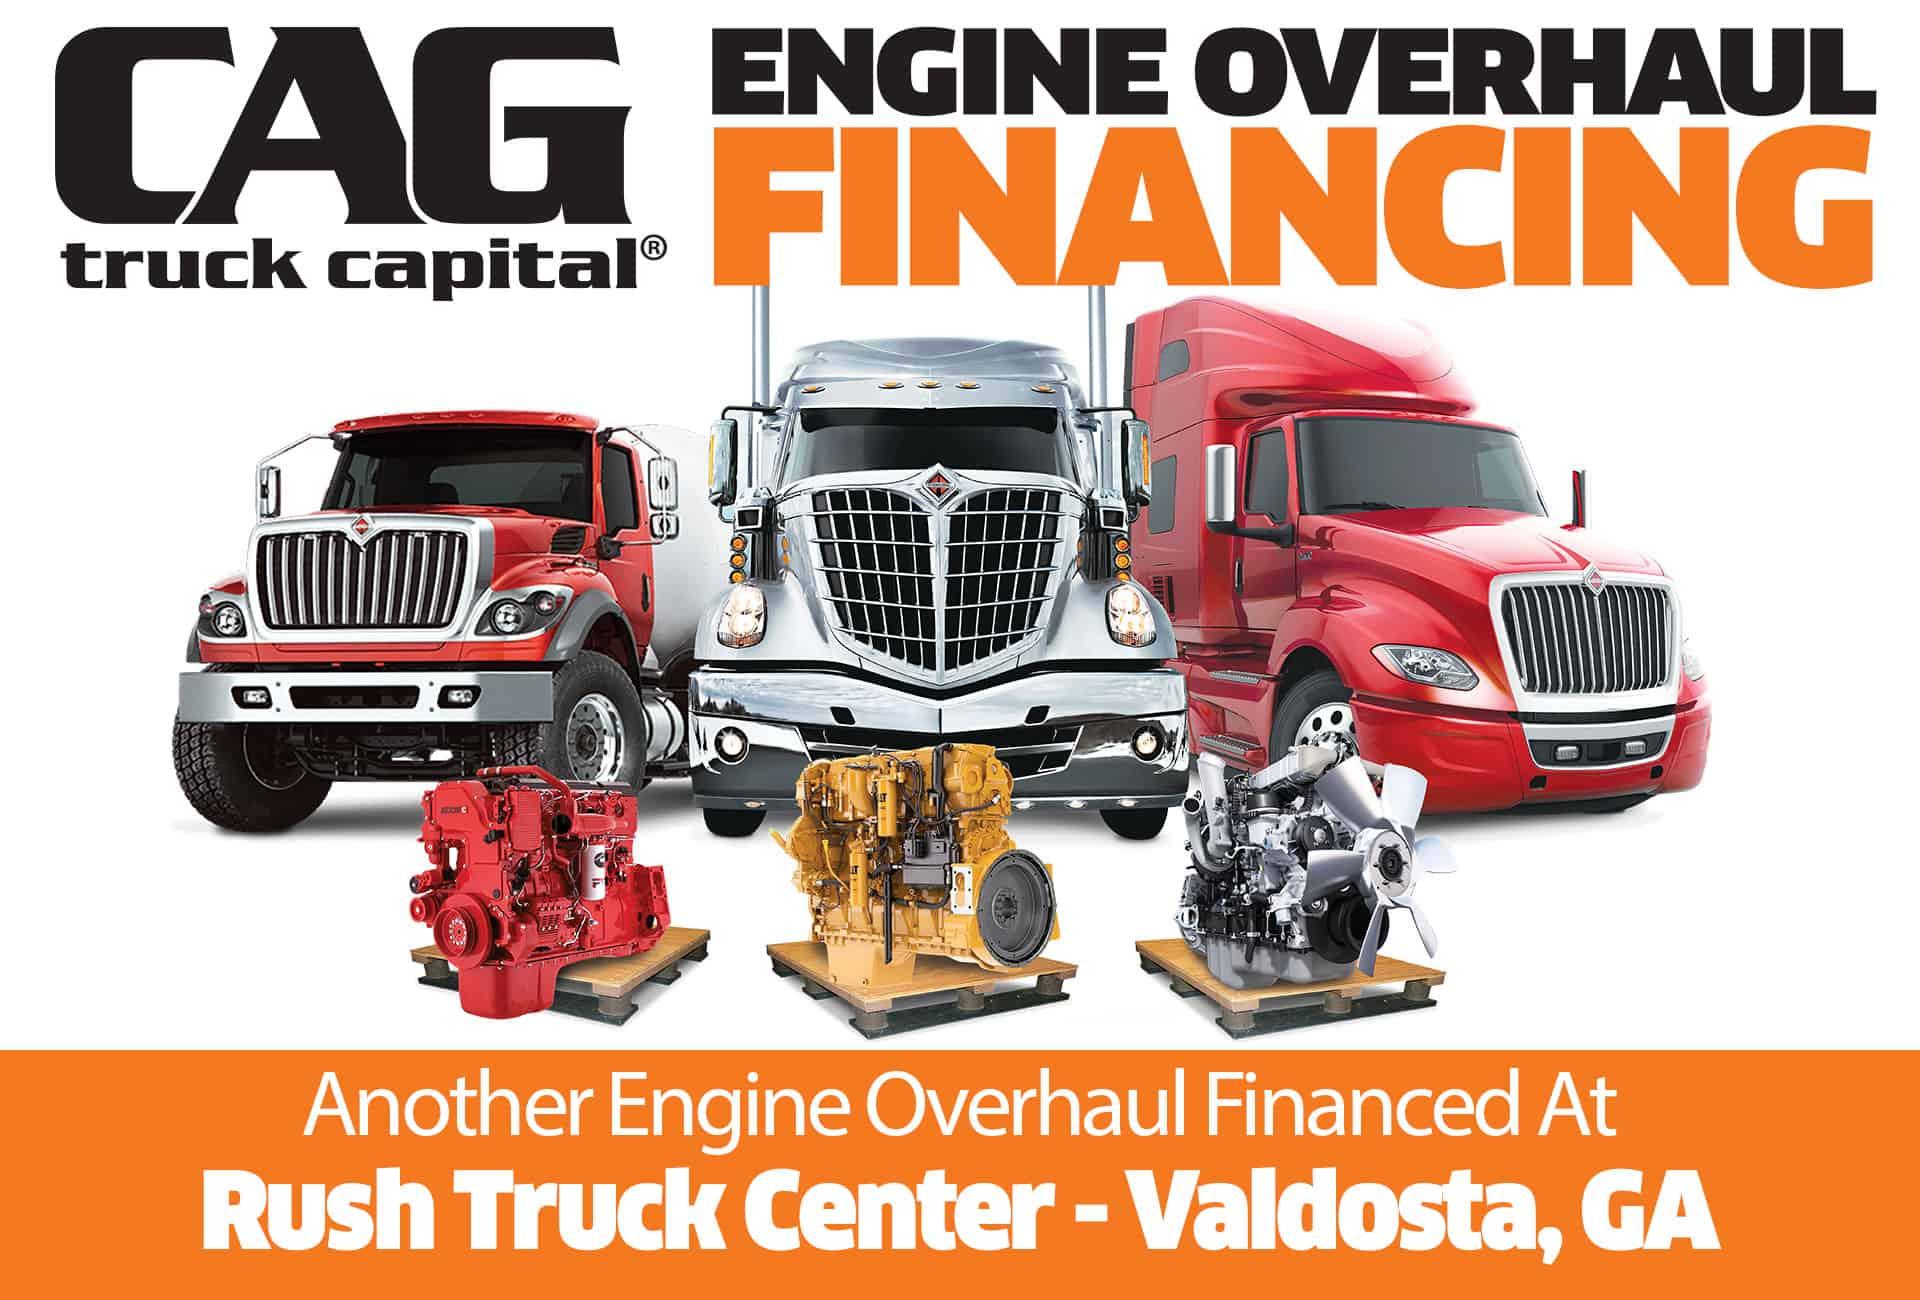 Rush Truck Center Valdosta GA